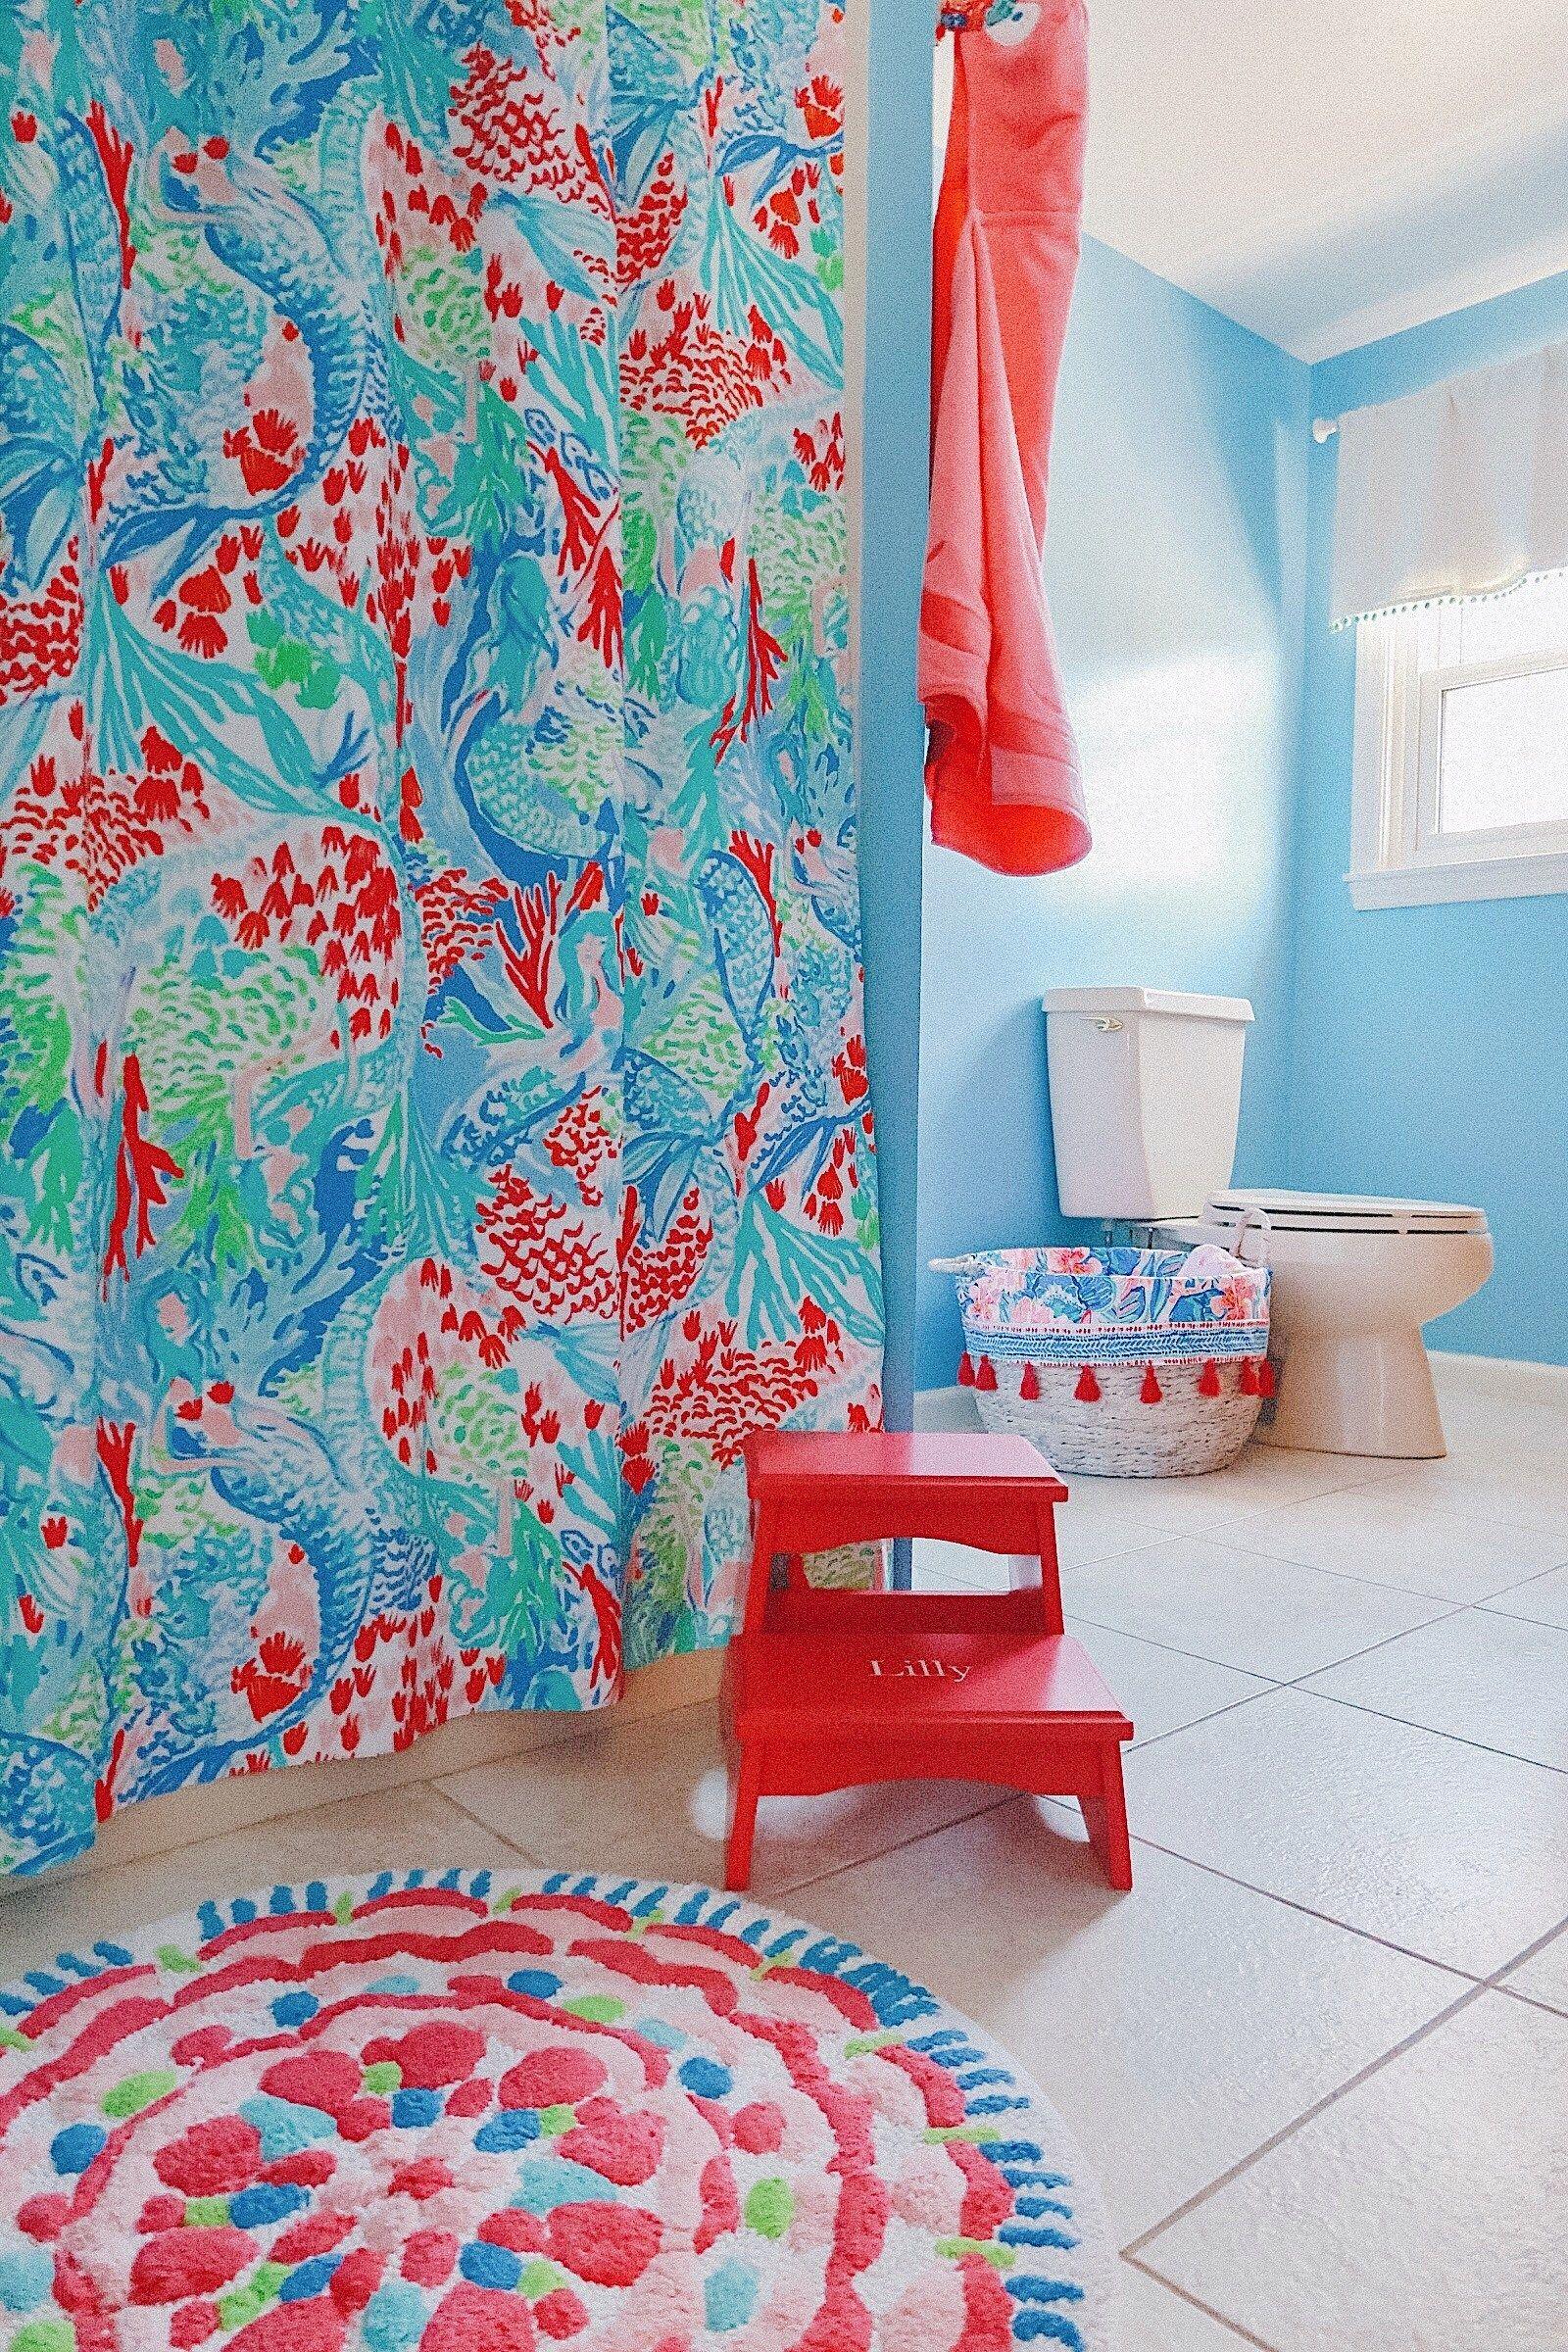 lilly pulitzer bathroom decor